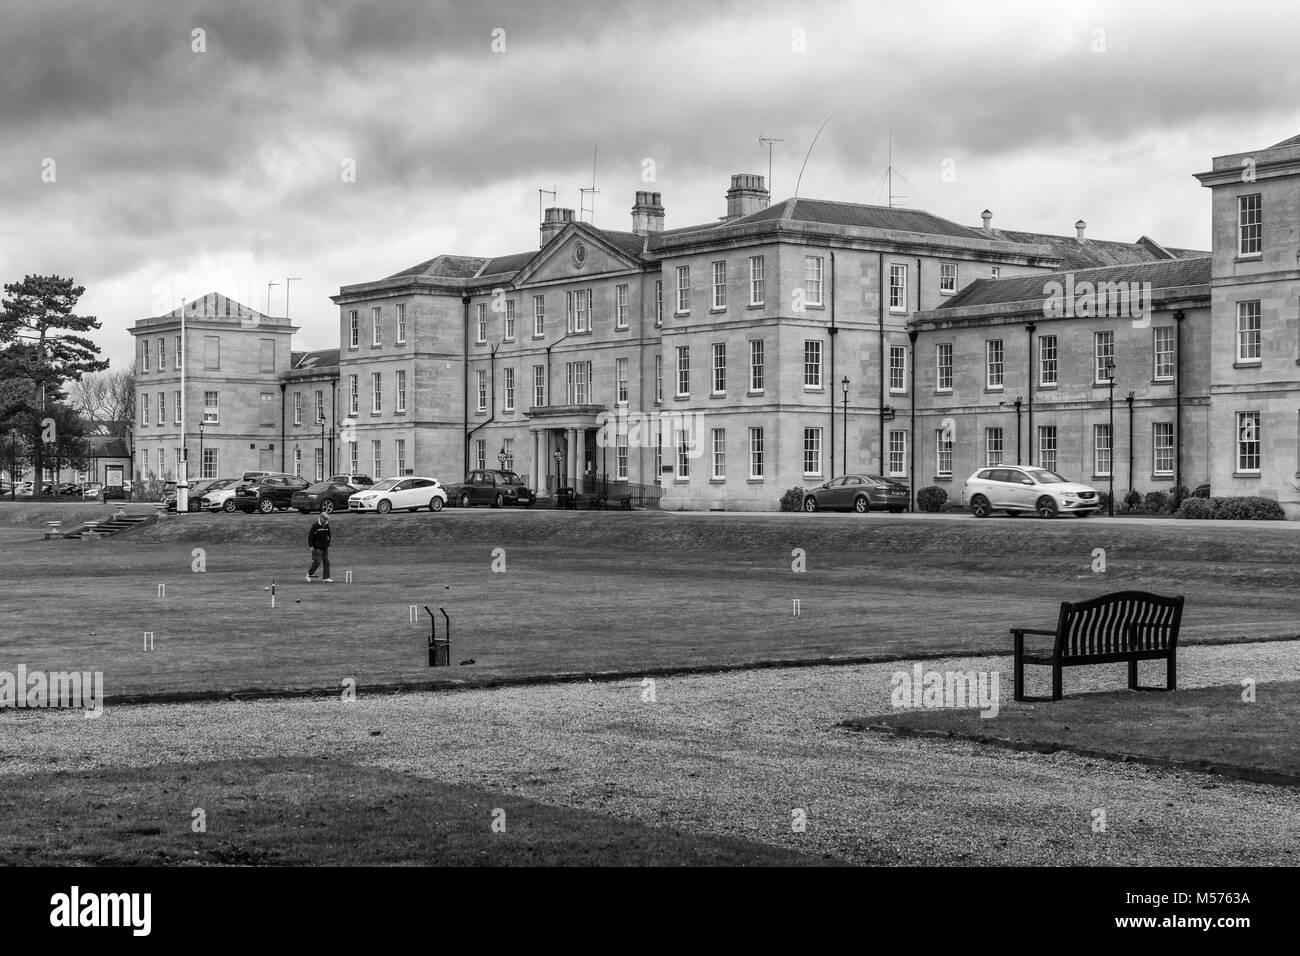 Die Fassade von St Andrews Hospital, einem psychiatrischen Krankenhaus von St Andrews Healthcare; Northampton, Großbritannien Stockbild